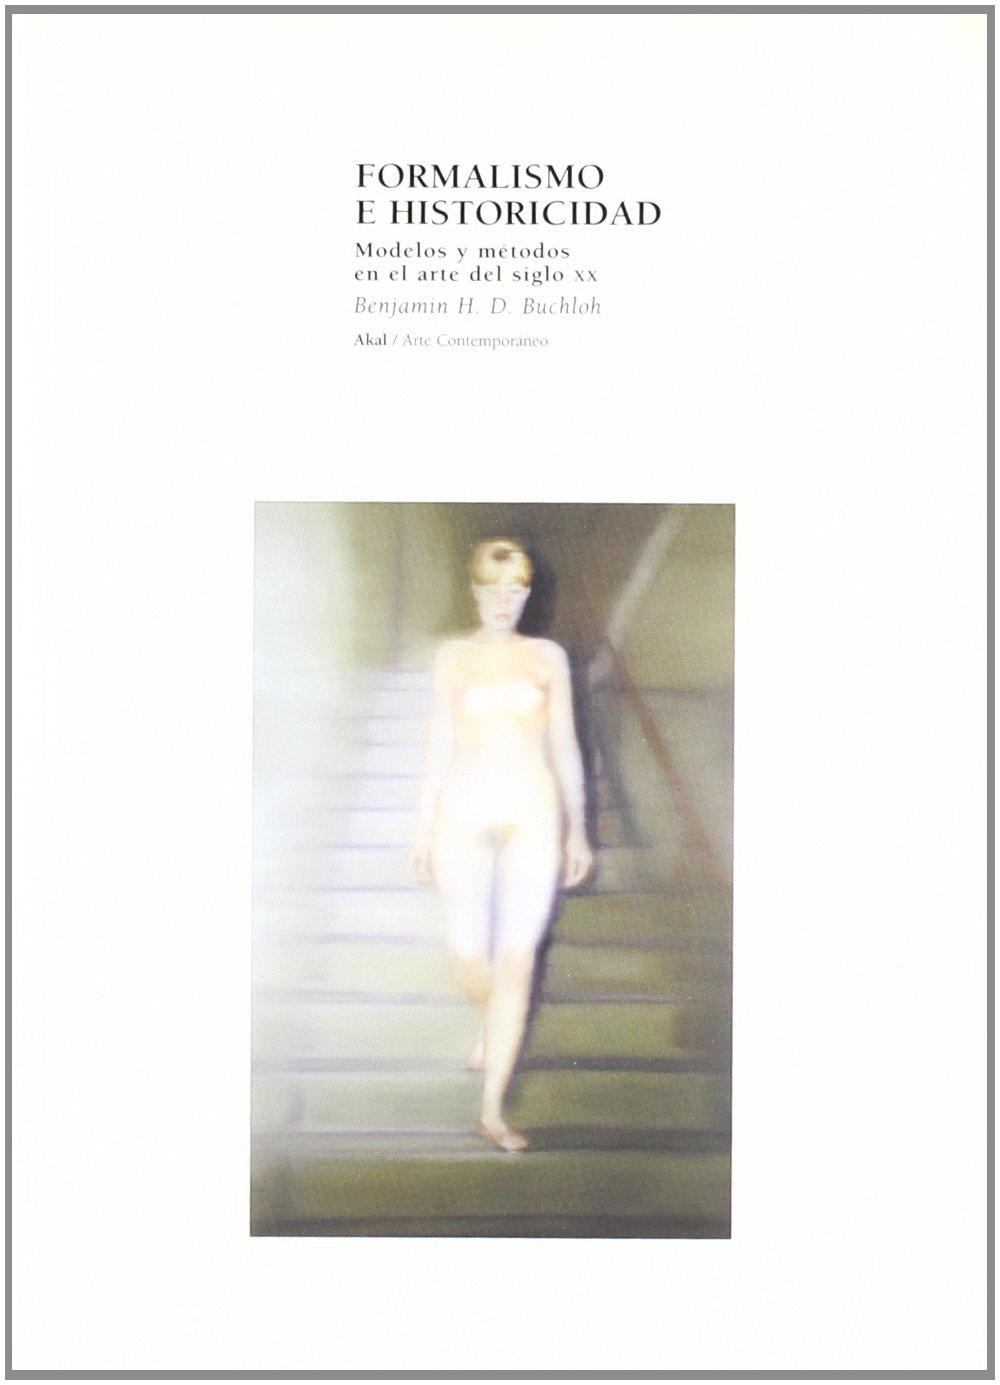 Formalismo e historicidad (Arte contemporáneo) Tapa blanda – 3 nov 2004 Benjamin H. D. Buchloh César Rendueles Carolina del Olmo Ediciones Akal